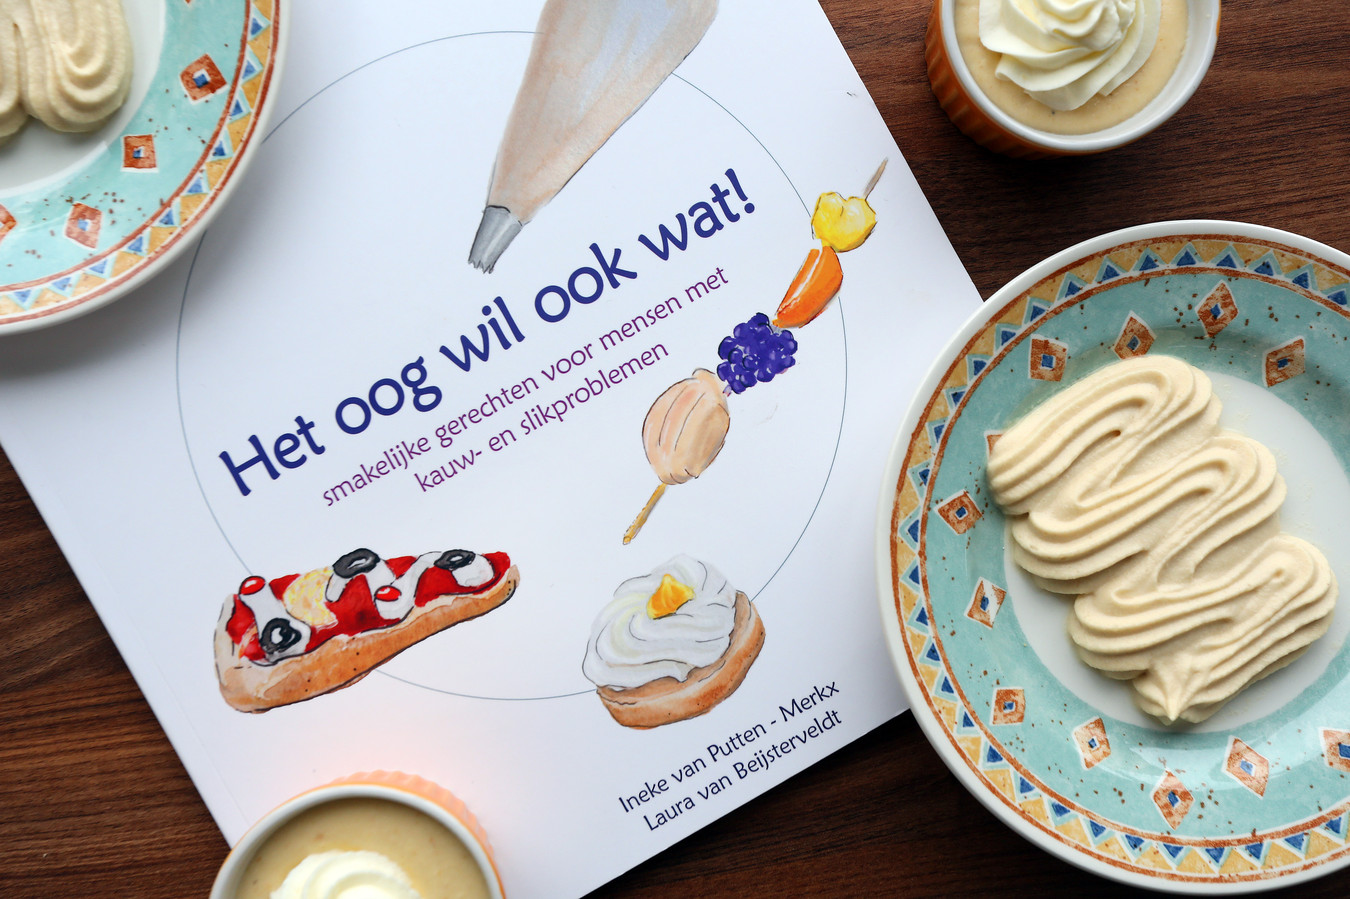 Het oog wil ook wat, heet het kookboek dat Laura en Ineke schreven. De (gepureerde) gerechten zijn dan ook nauwelijks van echt te onderscheiden.